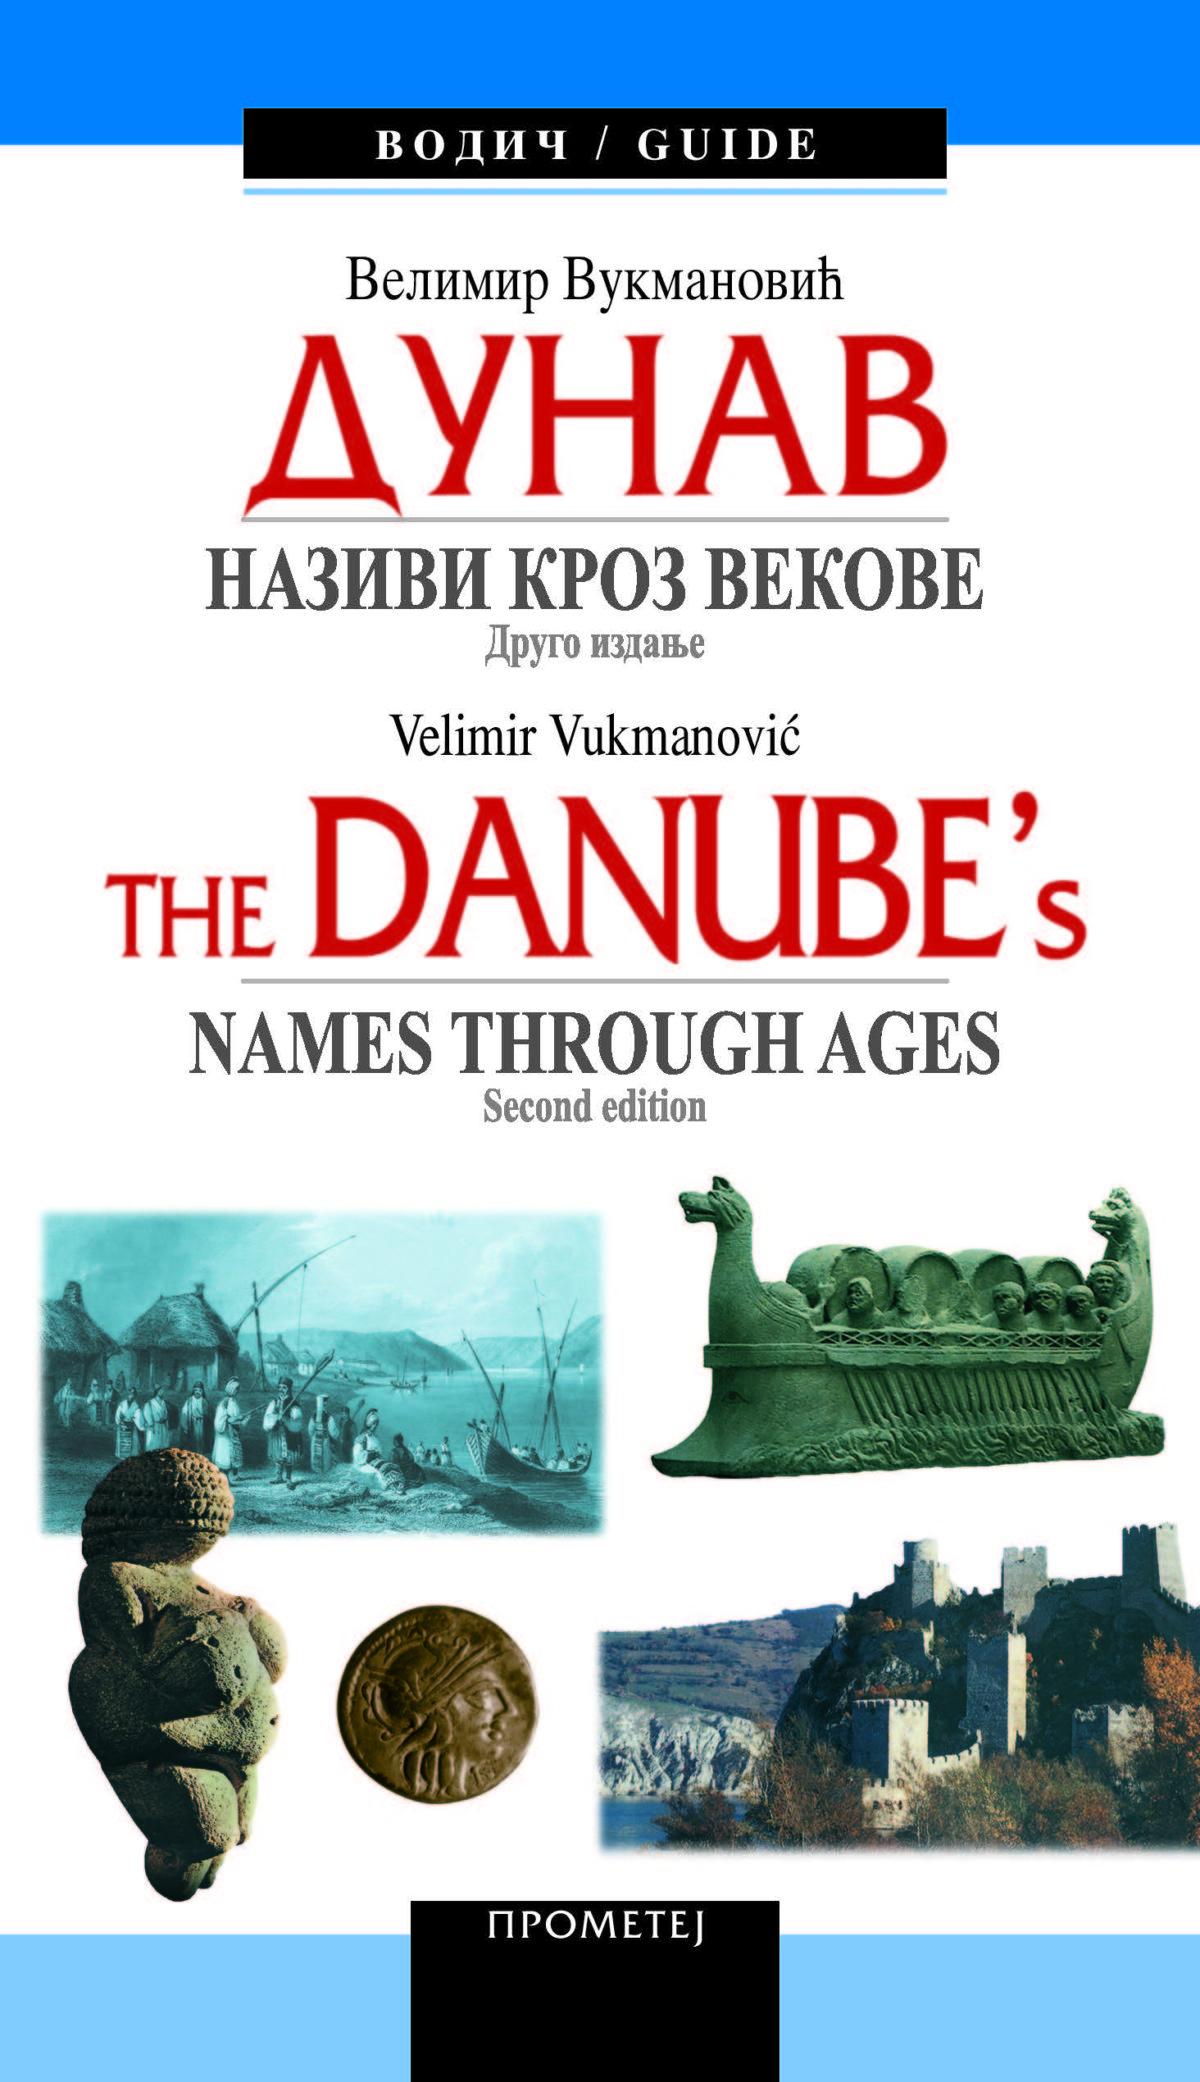 Dunav nazivi kroz vekove